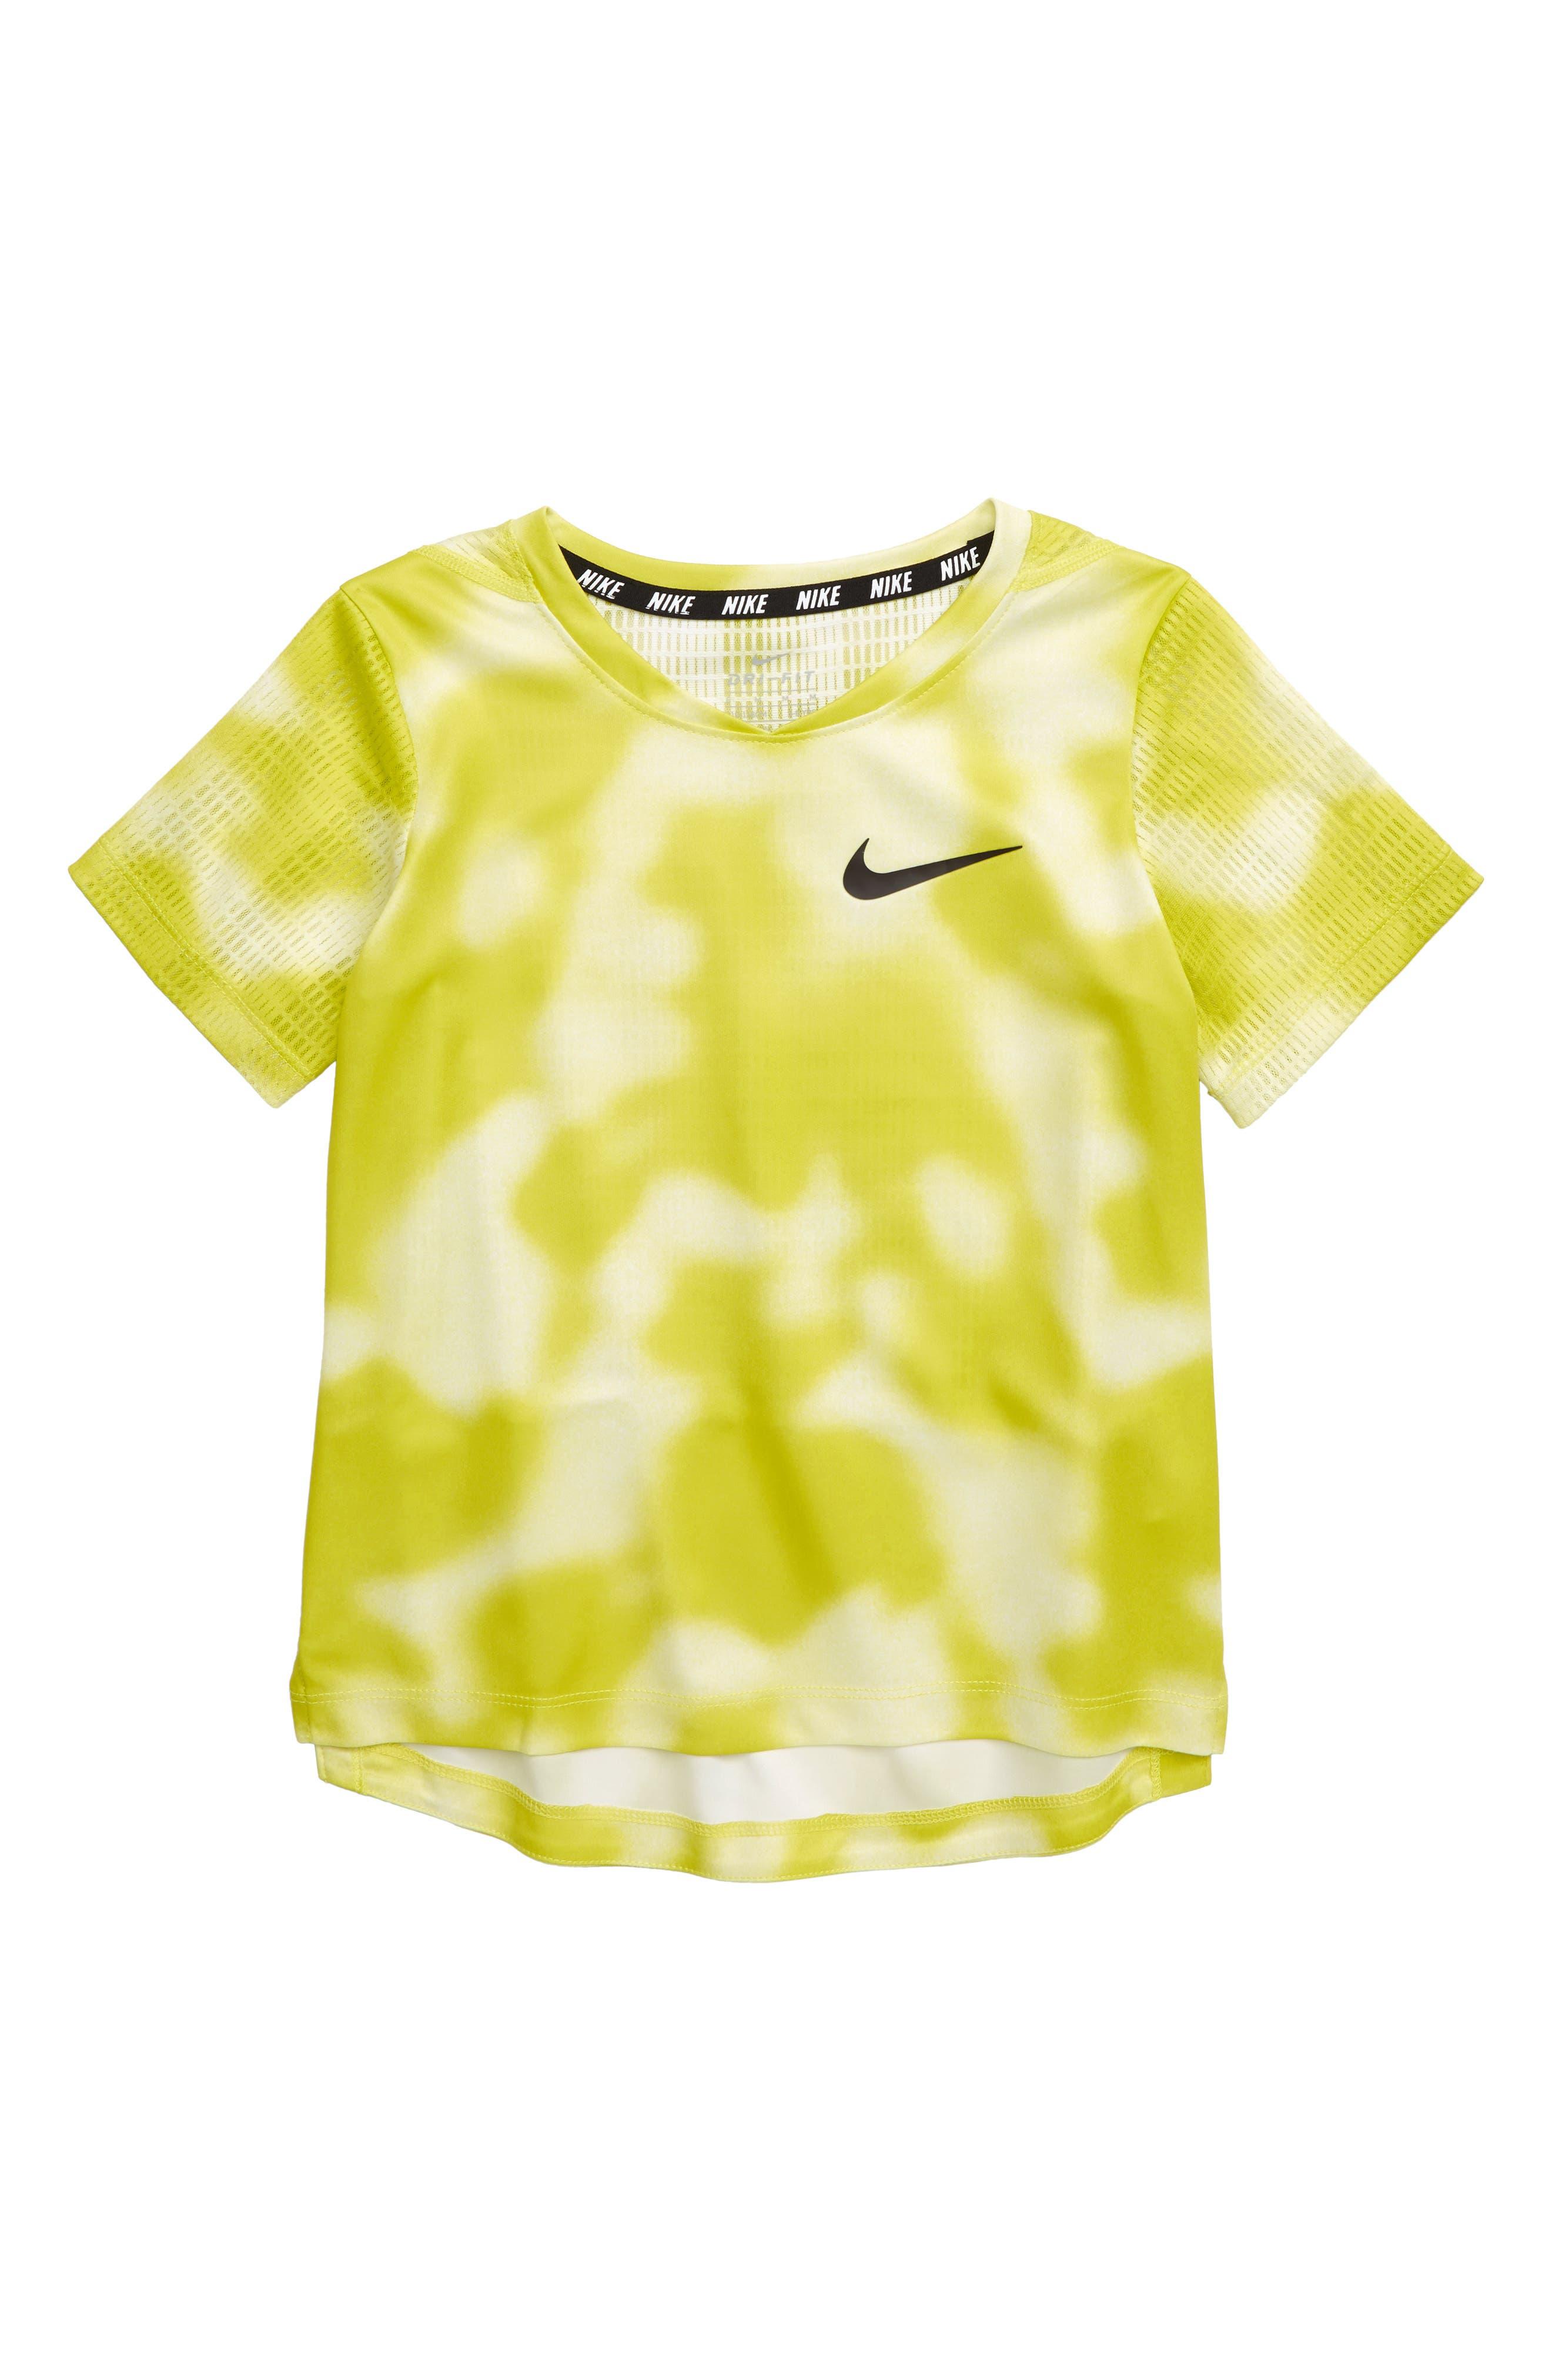 Boys Nike DriFit Breathe Instacool Shirt Size 4  Blue